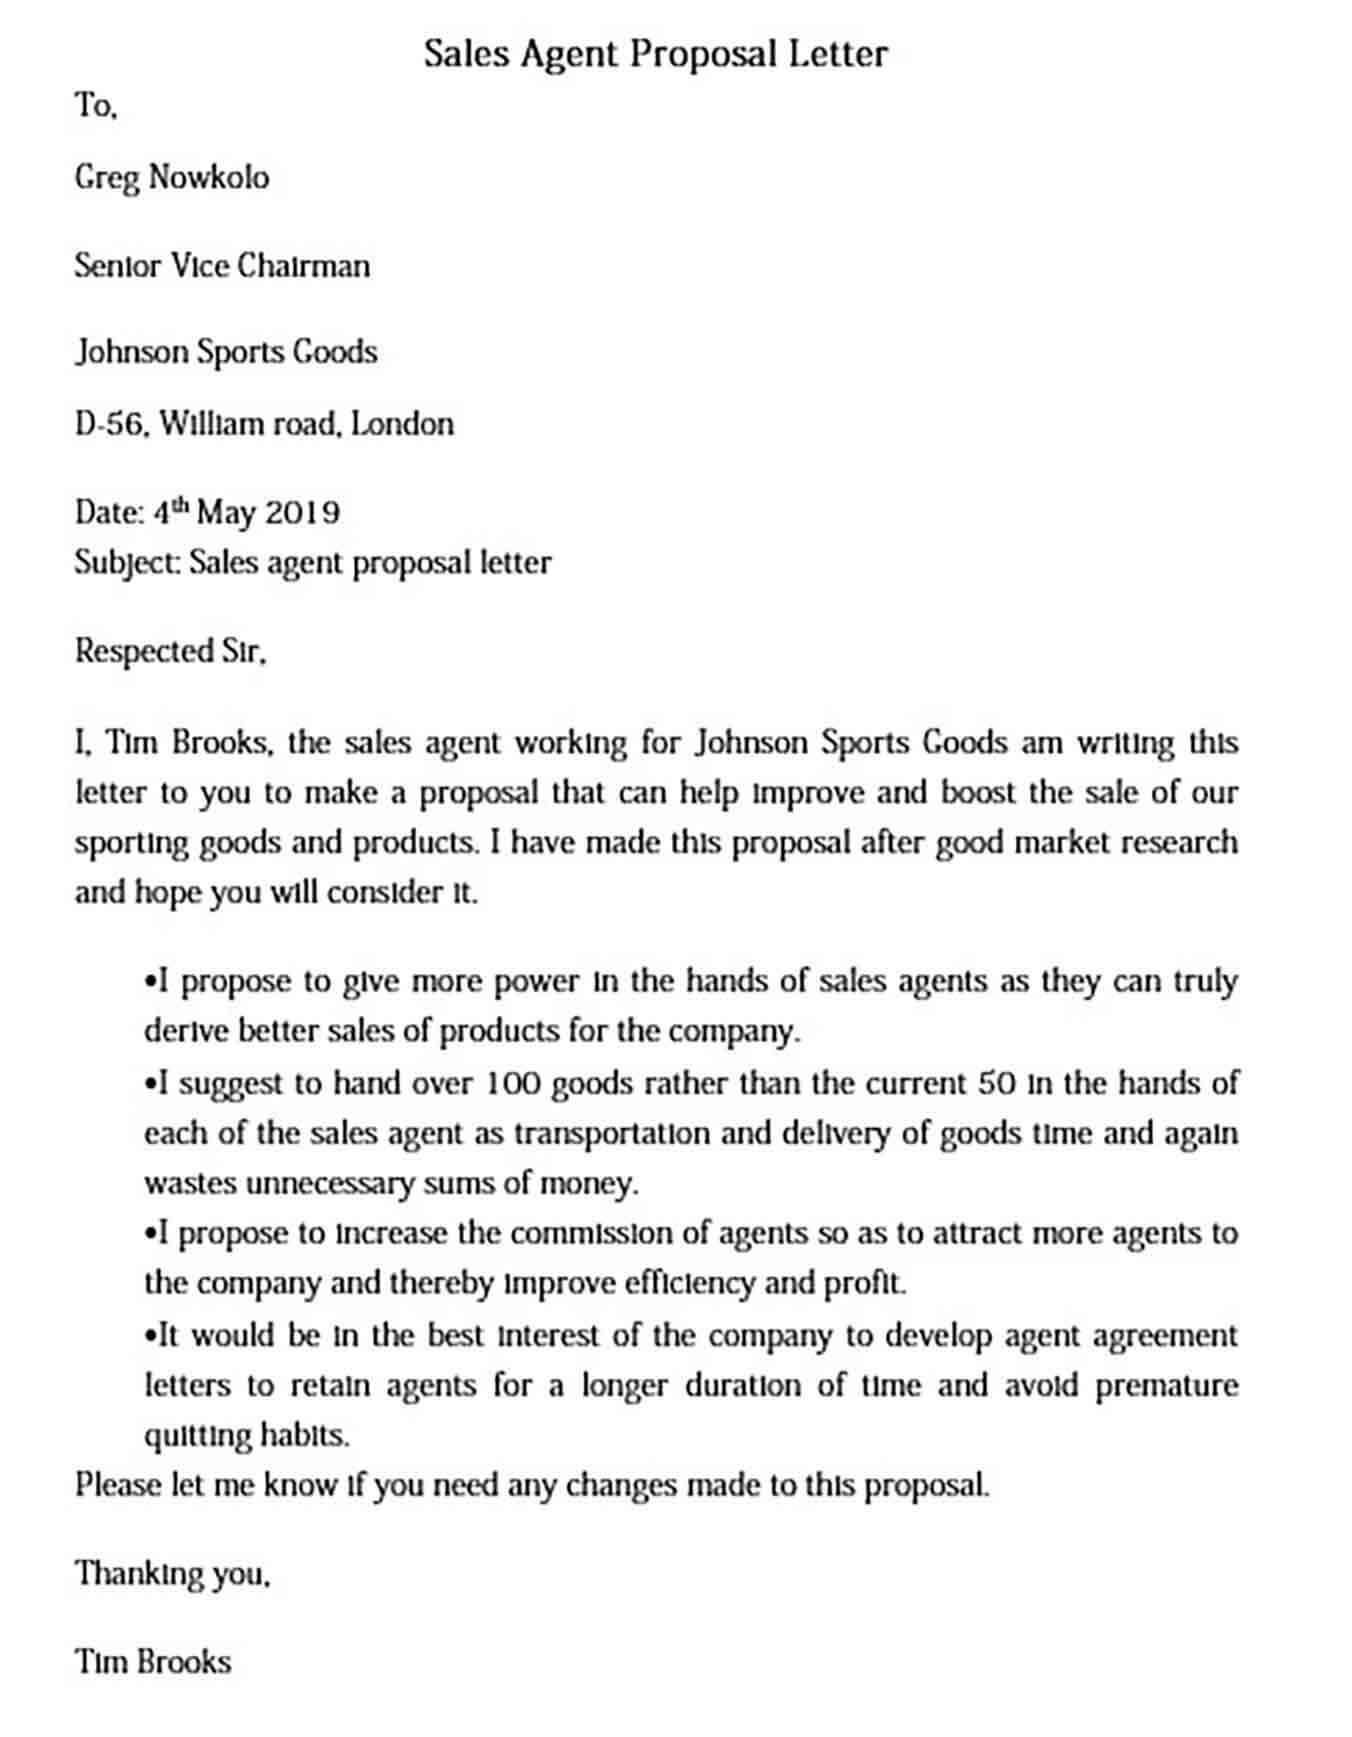 Sales Agent Proposal Letter